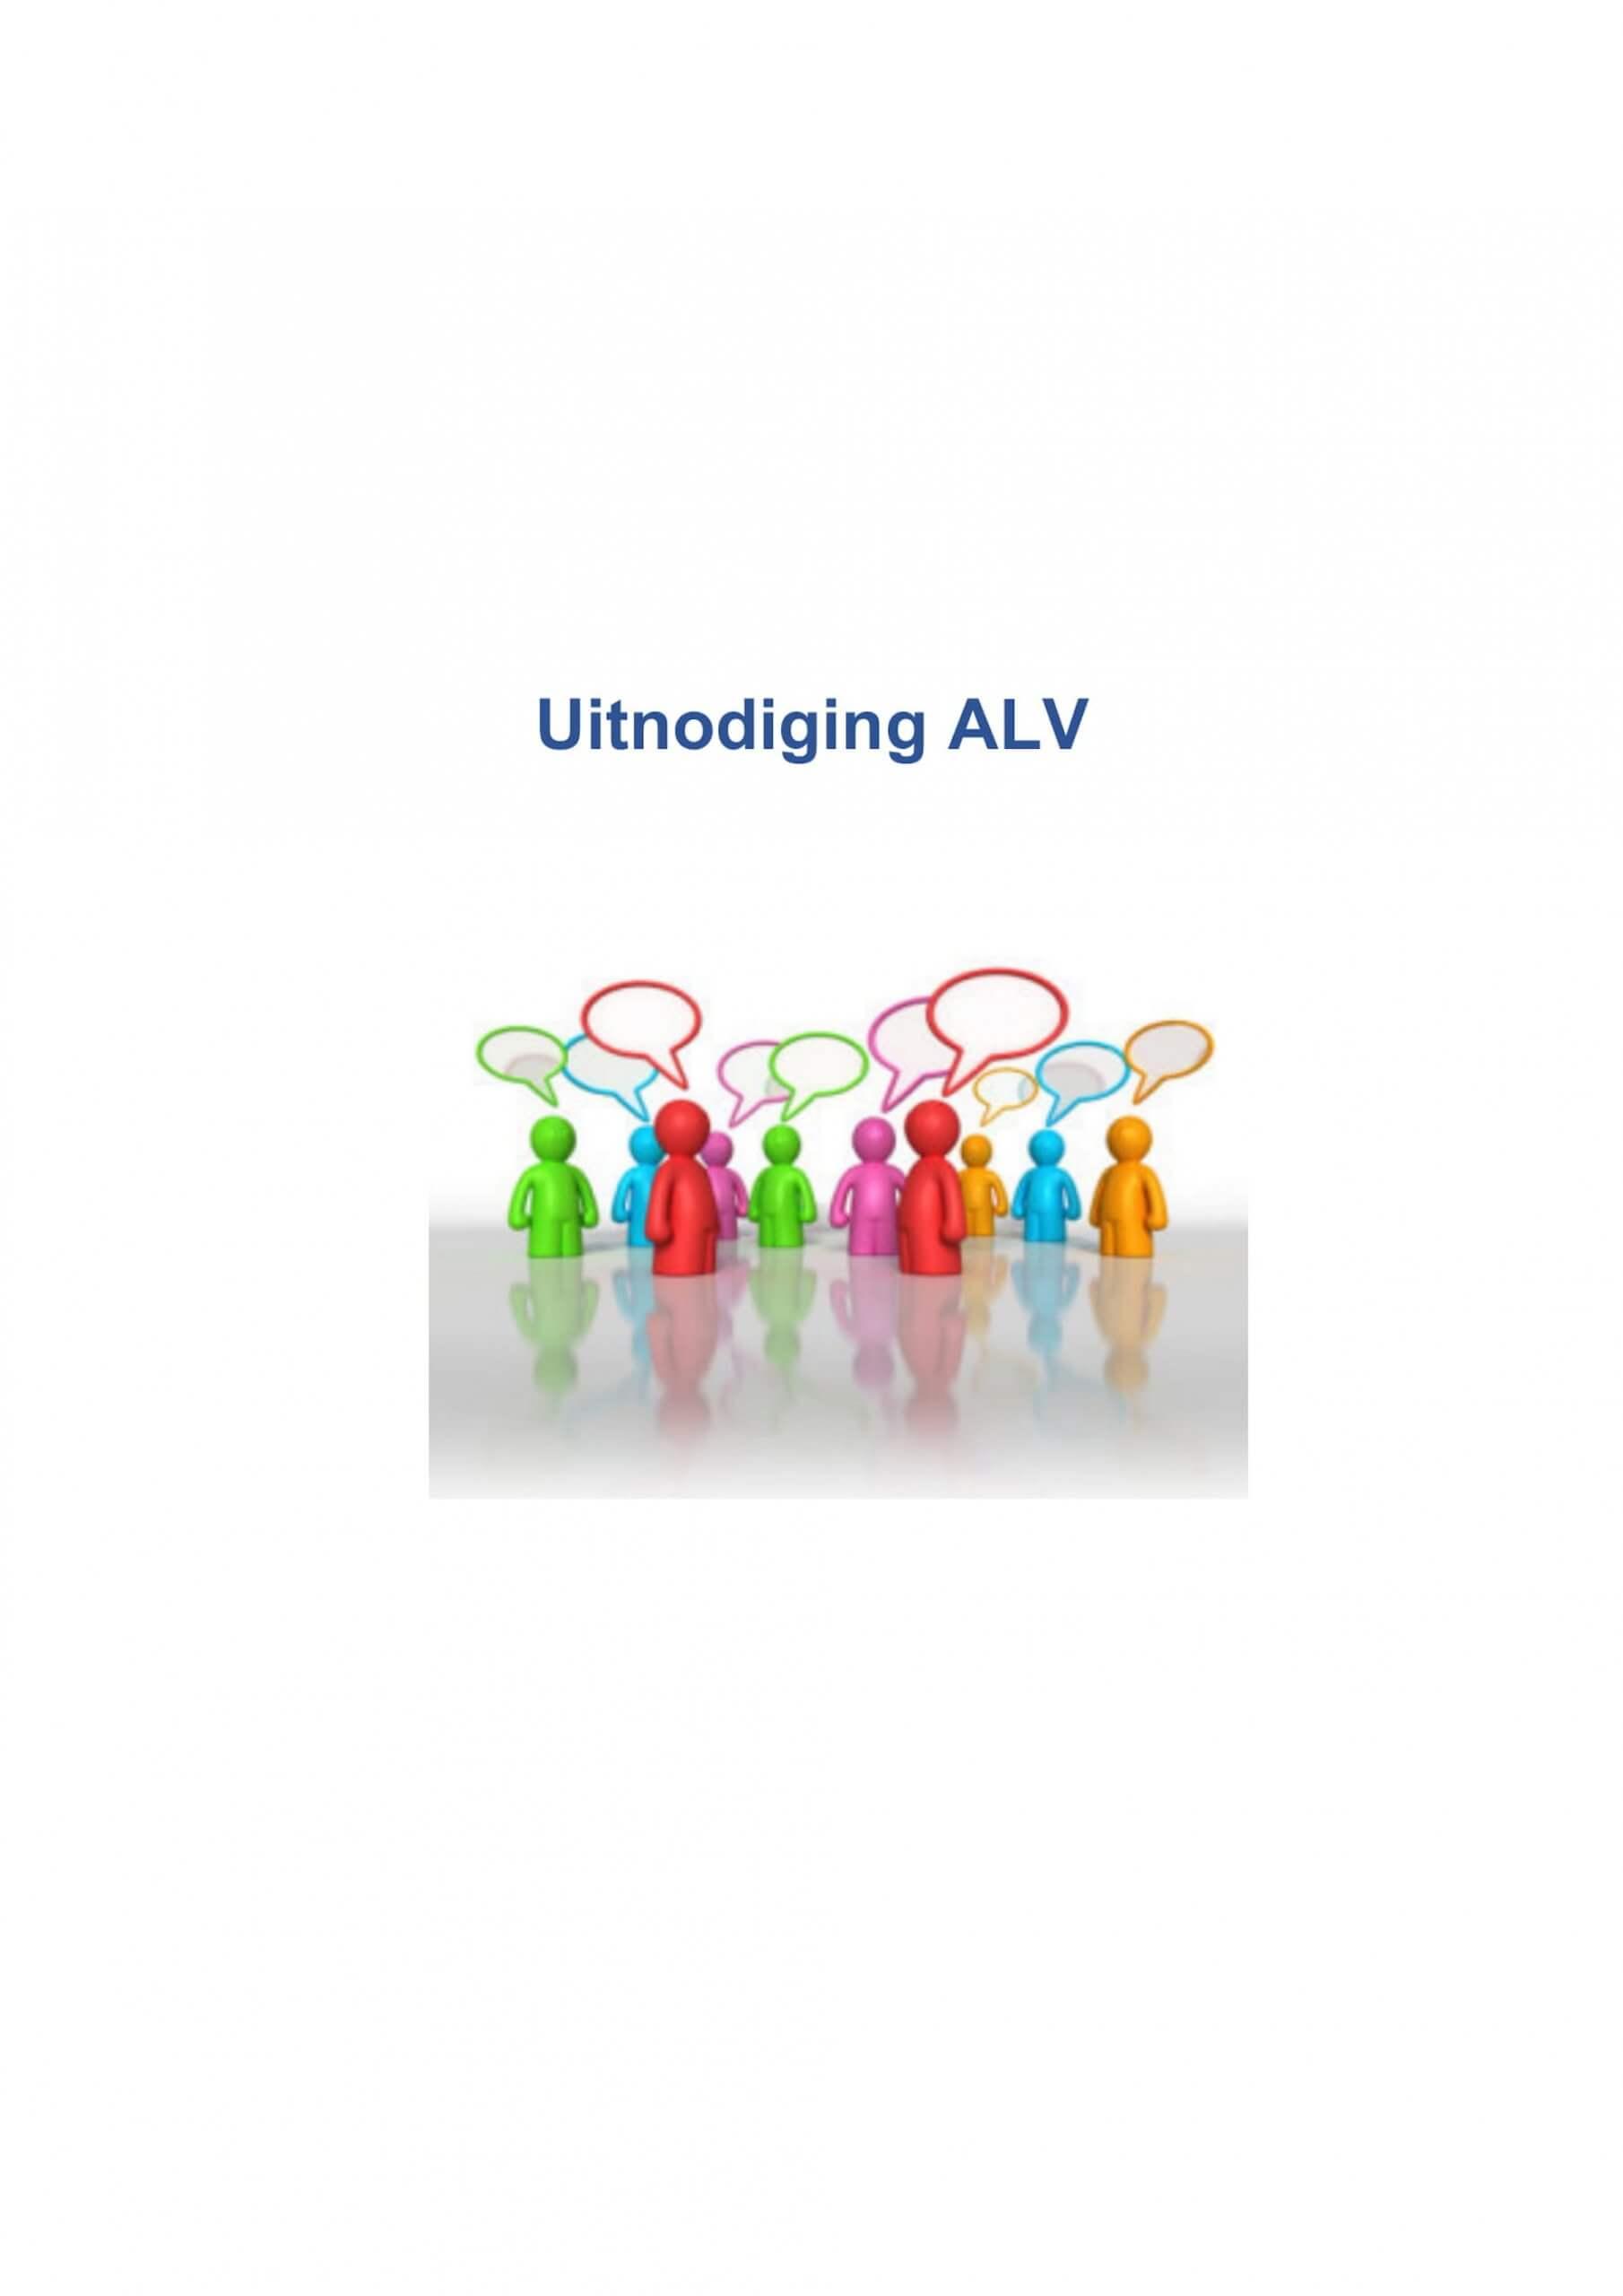 Uitnodiging ALV